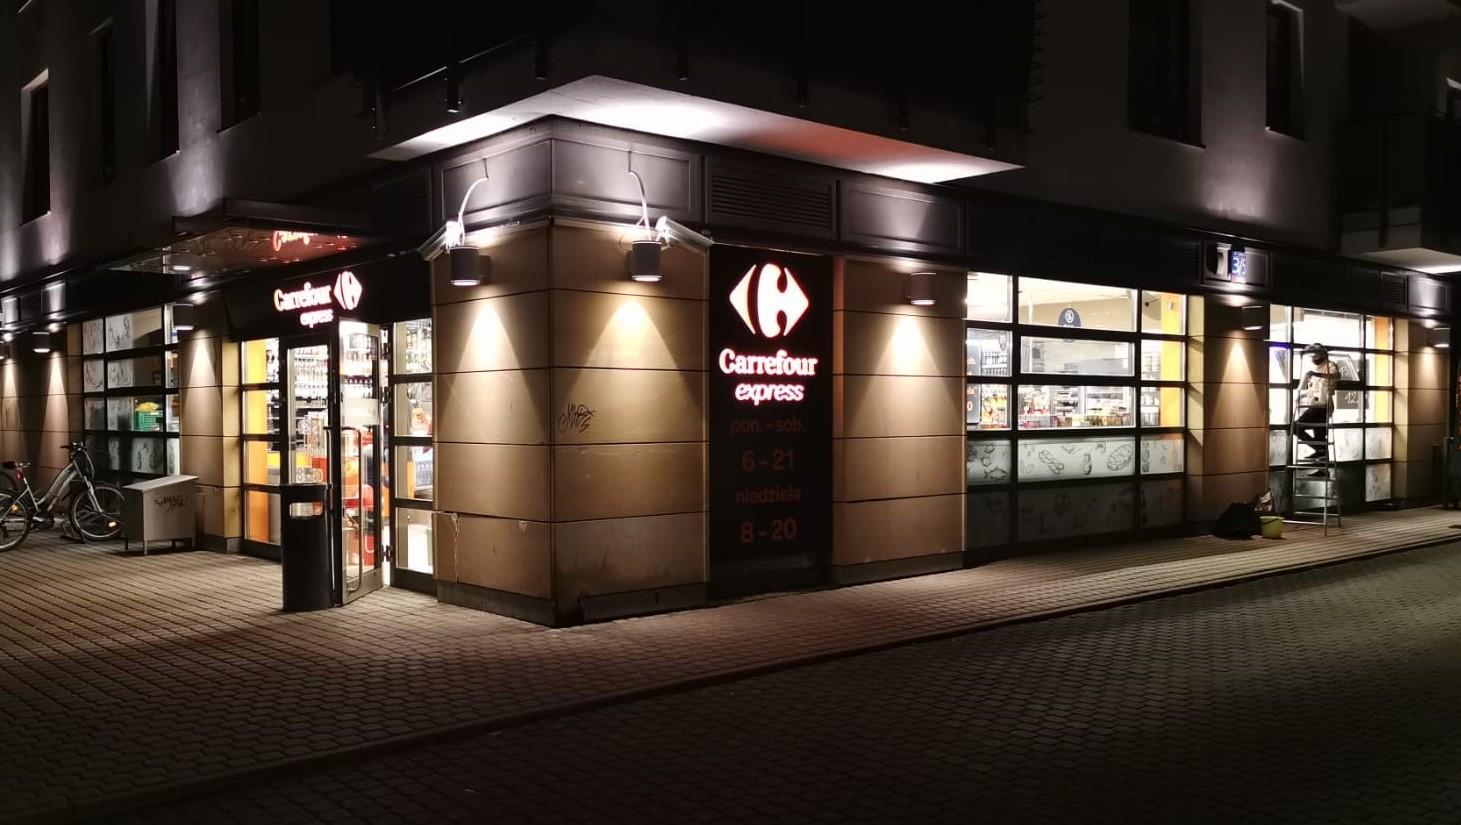 Blisko 700 sklepów convenience w sieci Carrefour Polska